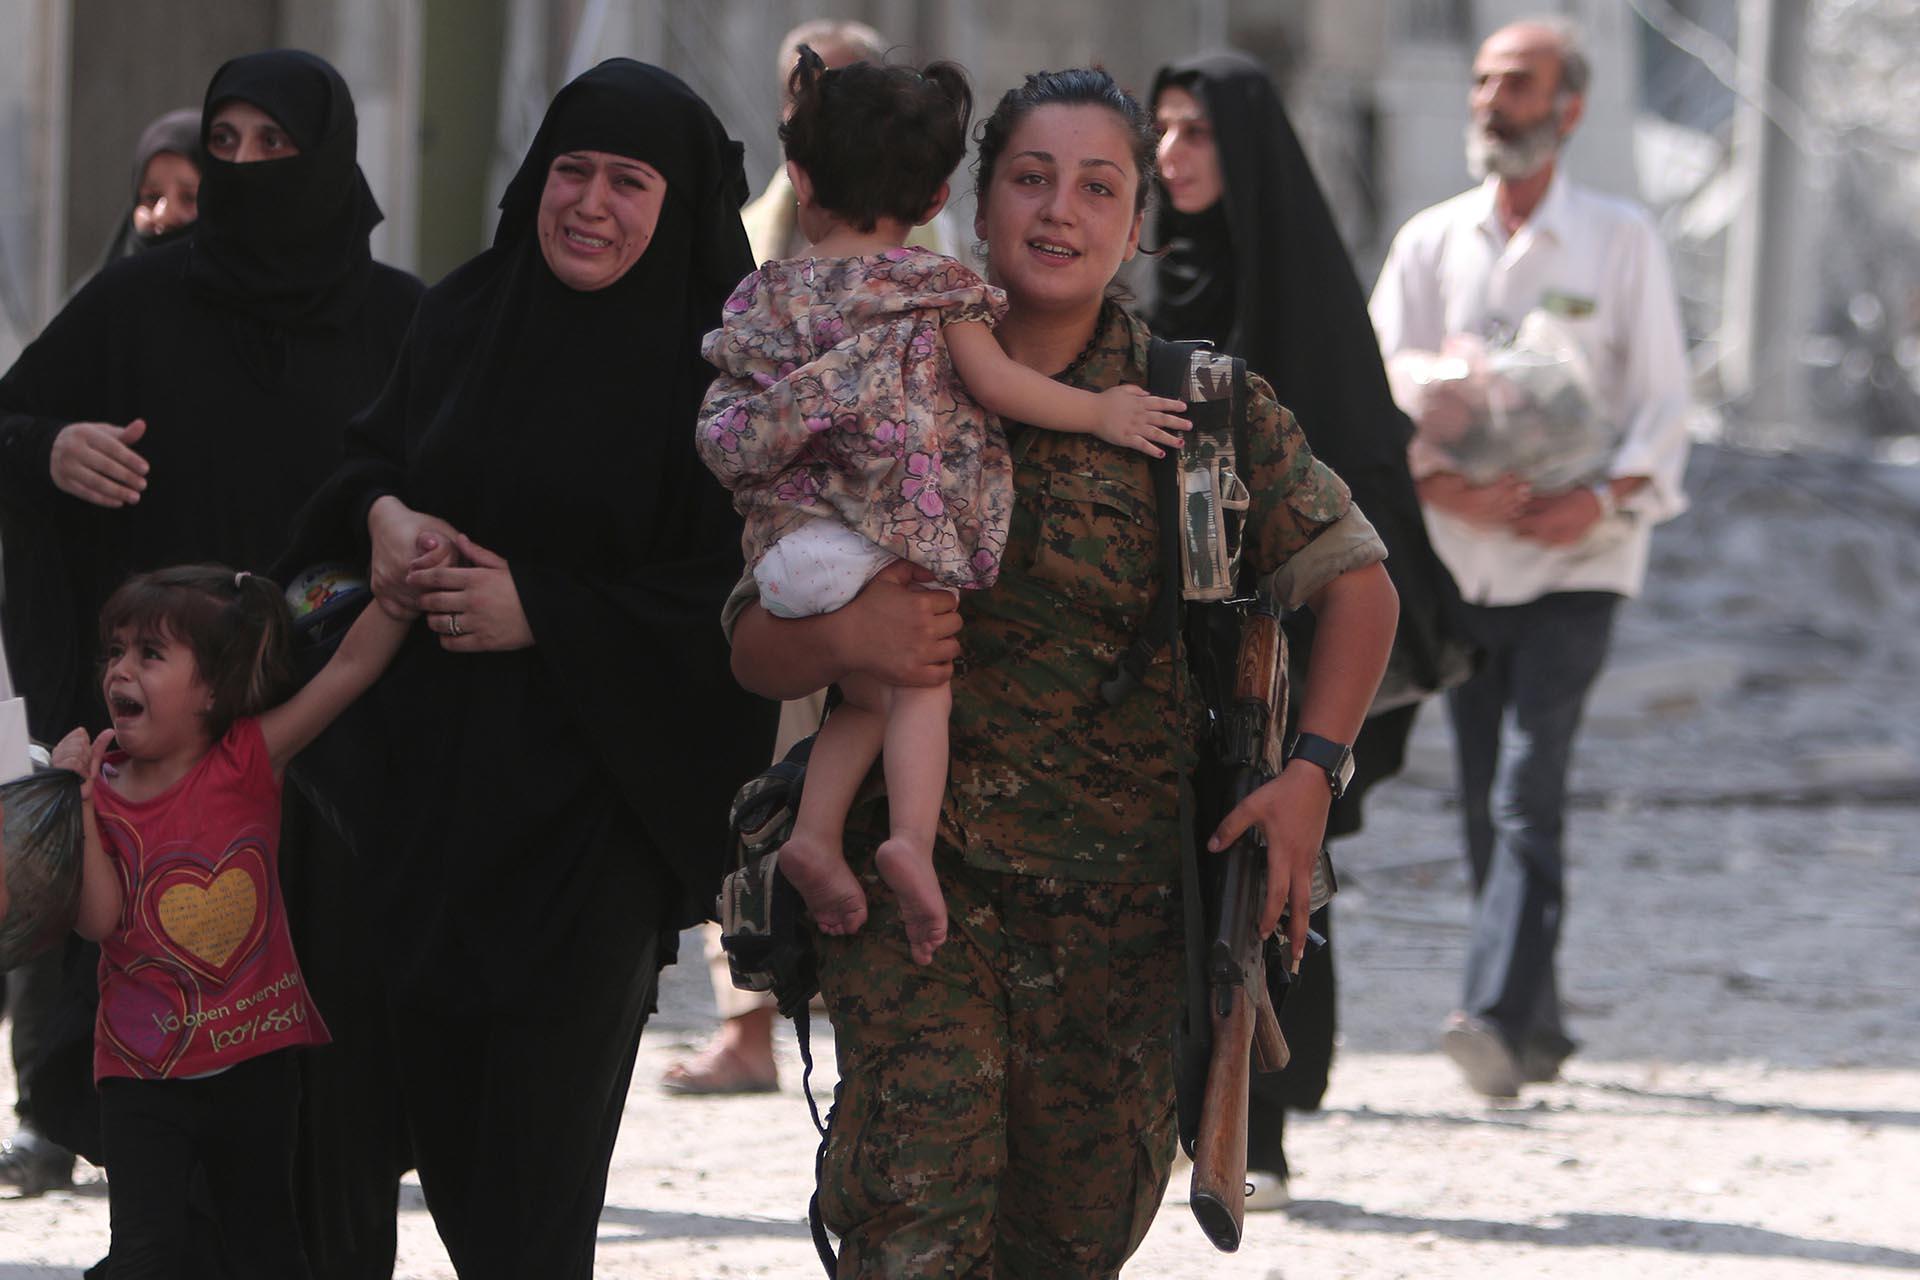 Una combatiente del SDF lleva a una niña, mientras la emoción de las mujeres es evidente al conocer que el Estado Islámico había sido expulsado de Manbij, en Alepo (Reuters)